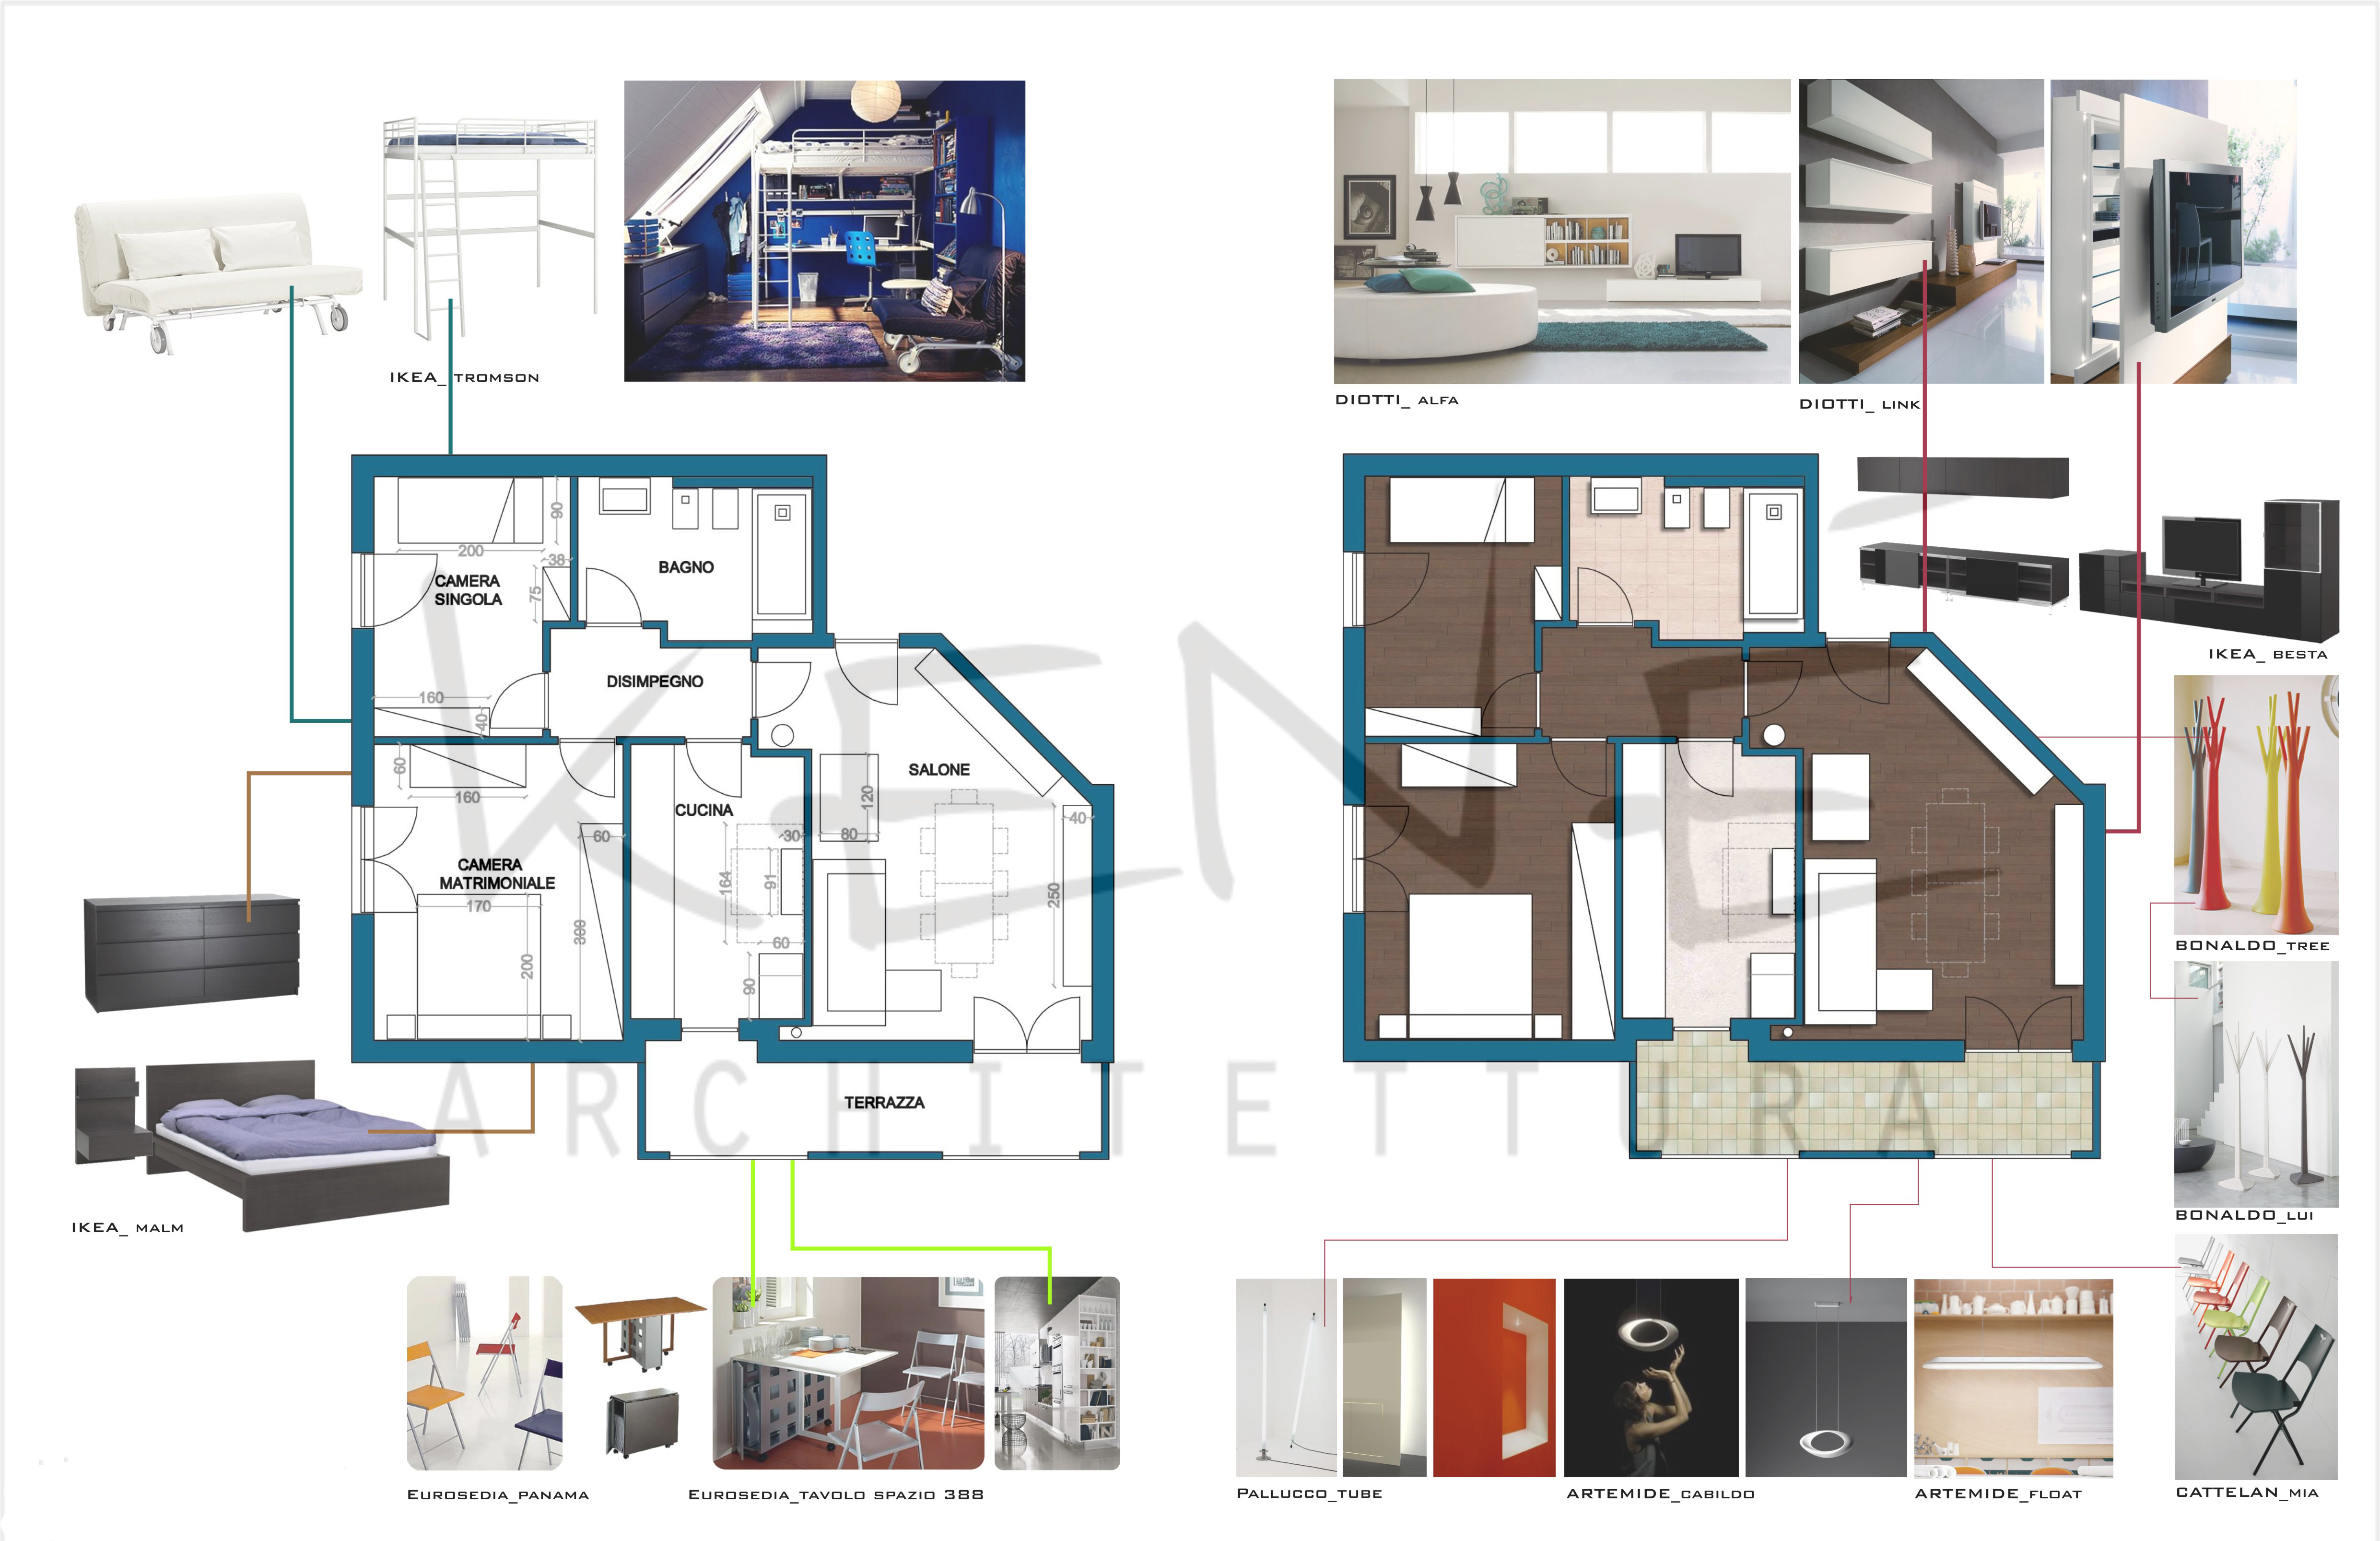 Interny 1 60 new dvd releases dockfile - Progetti design interni ...